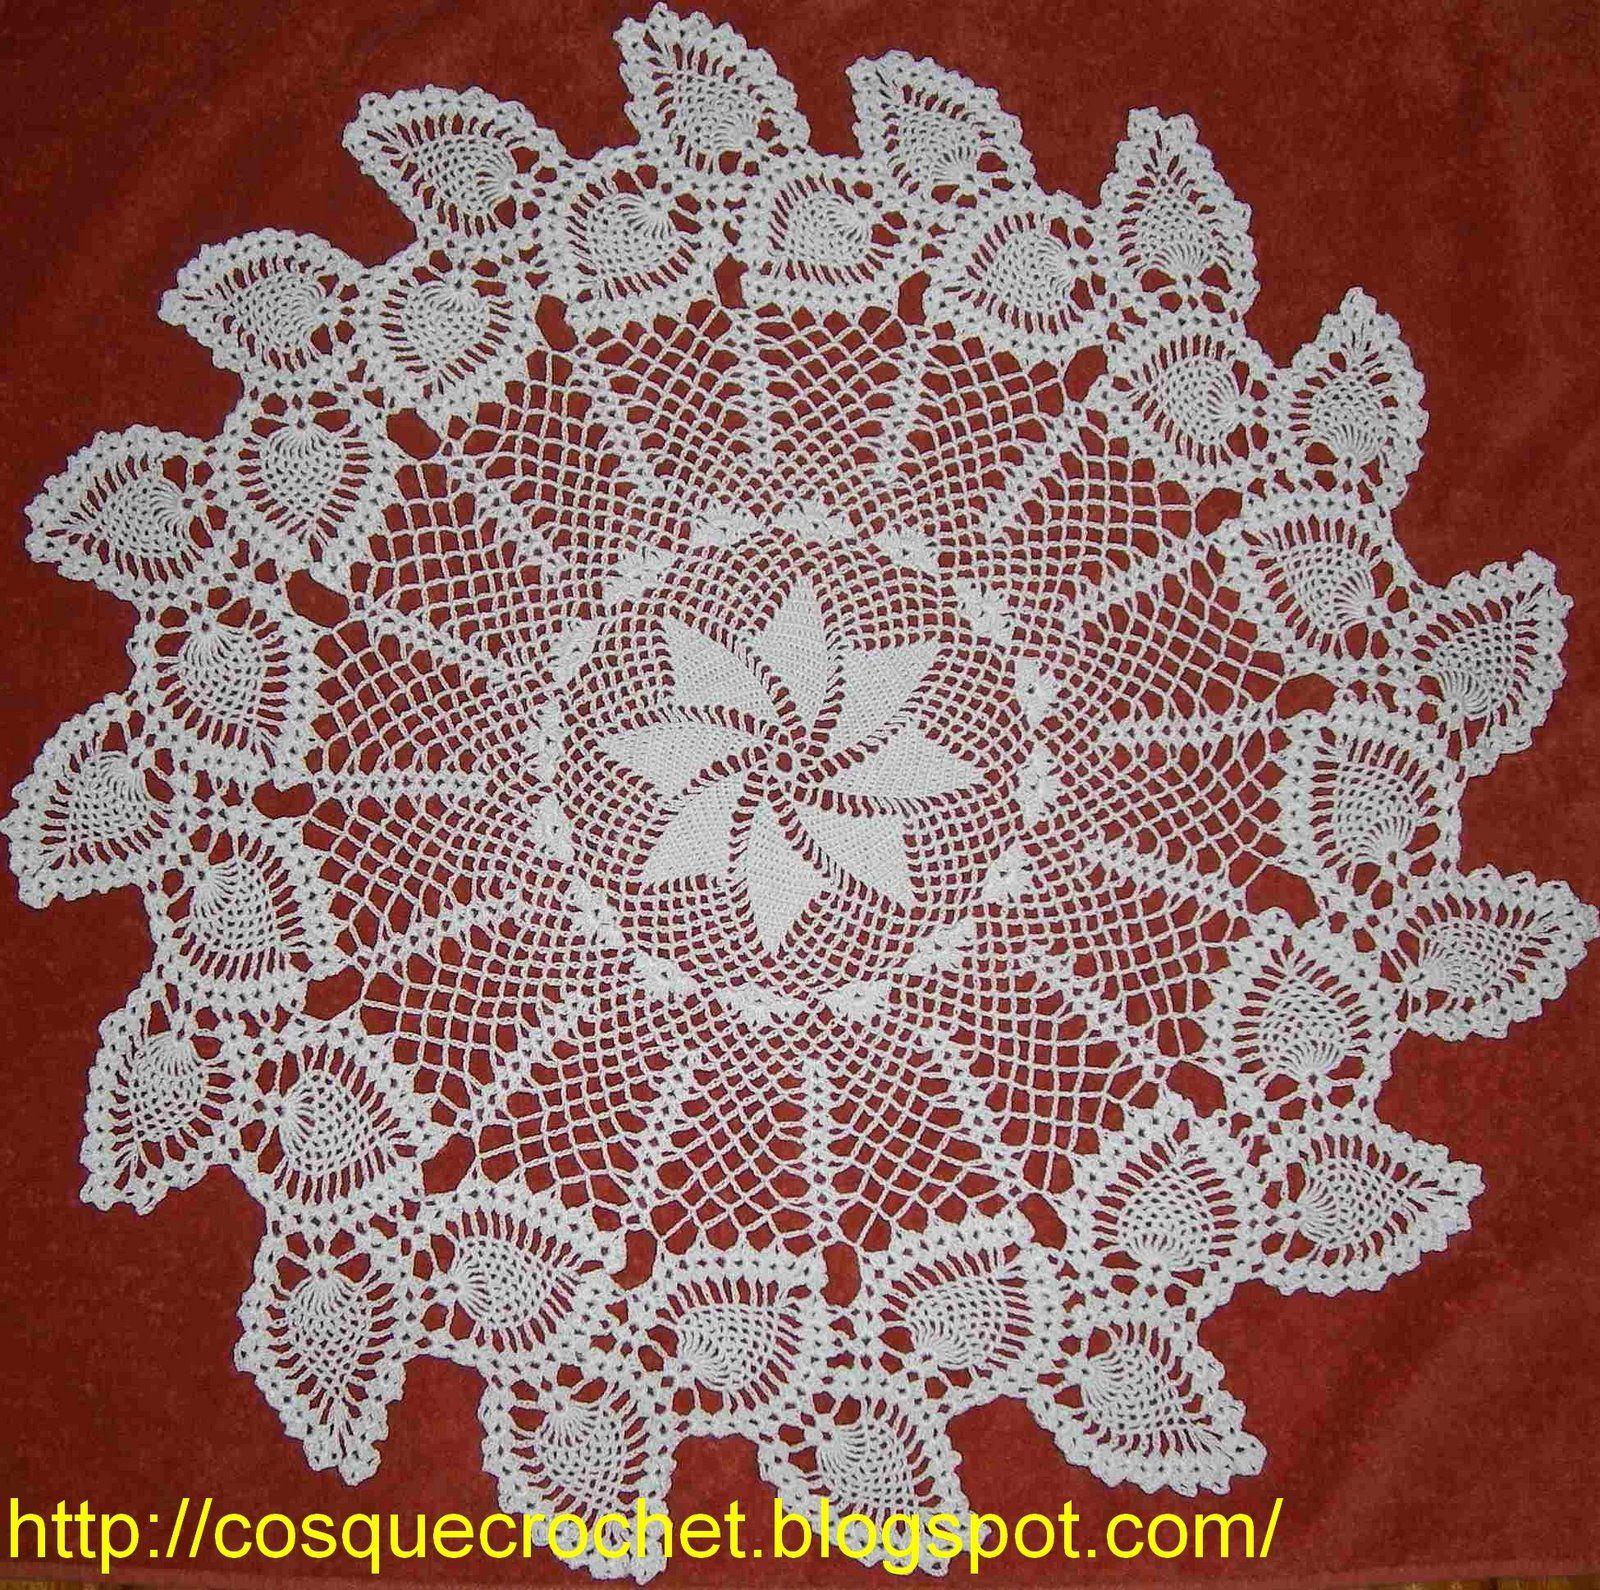 pineapple crochet doily diagram honeywell rth9580wf factory reset voy a mostrar algunos paños carpetitas que tejí para